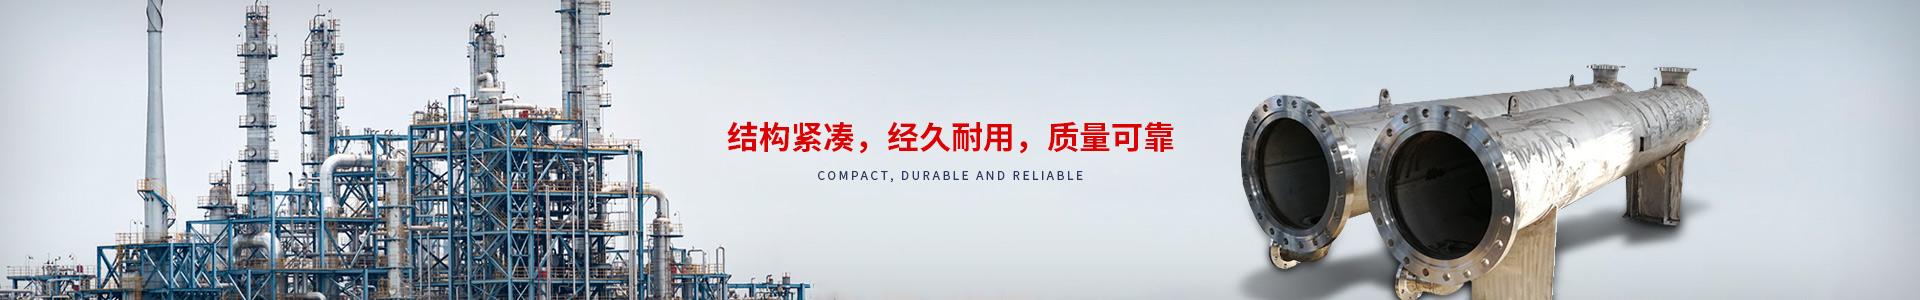 管壳式列管换热器:结构紧凑 经久耐用 质量可靠